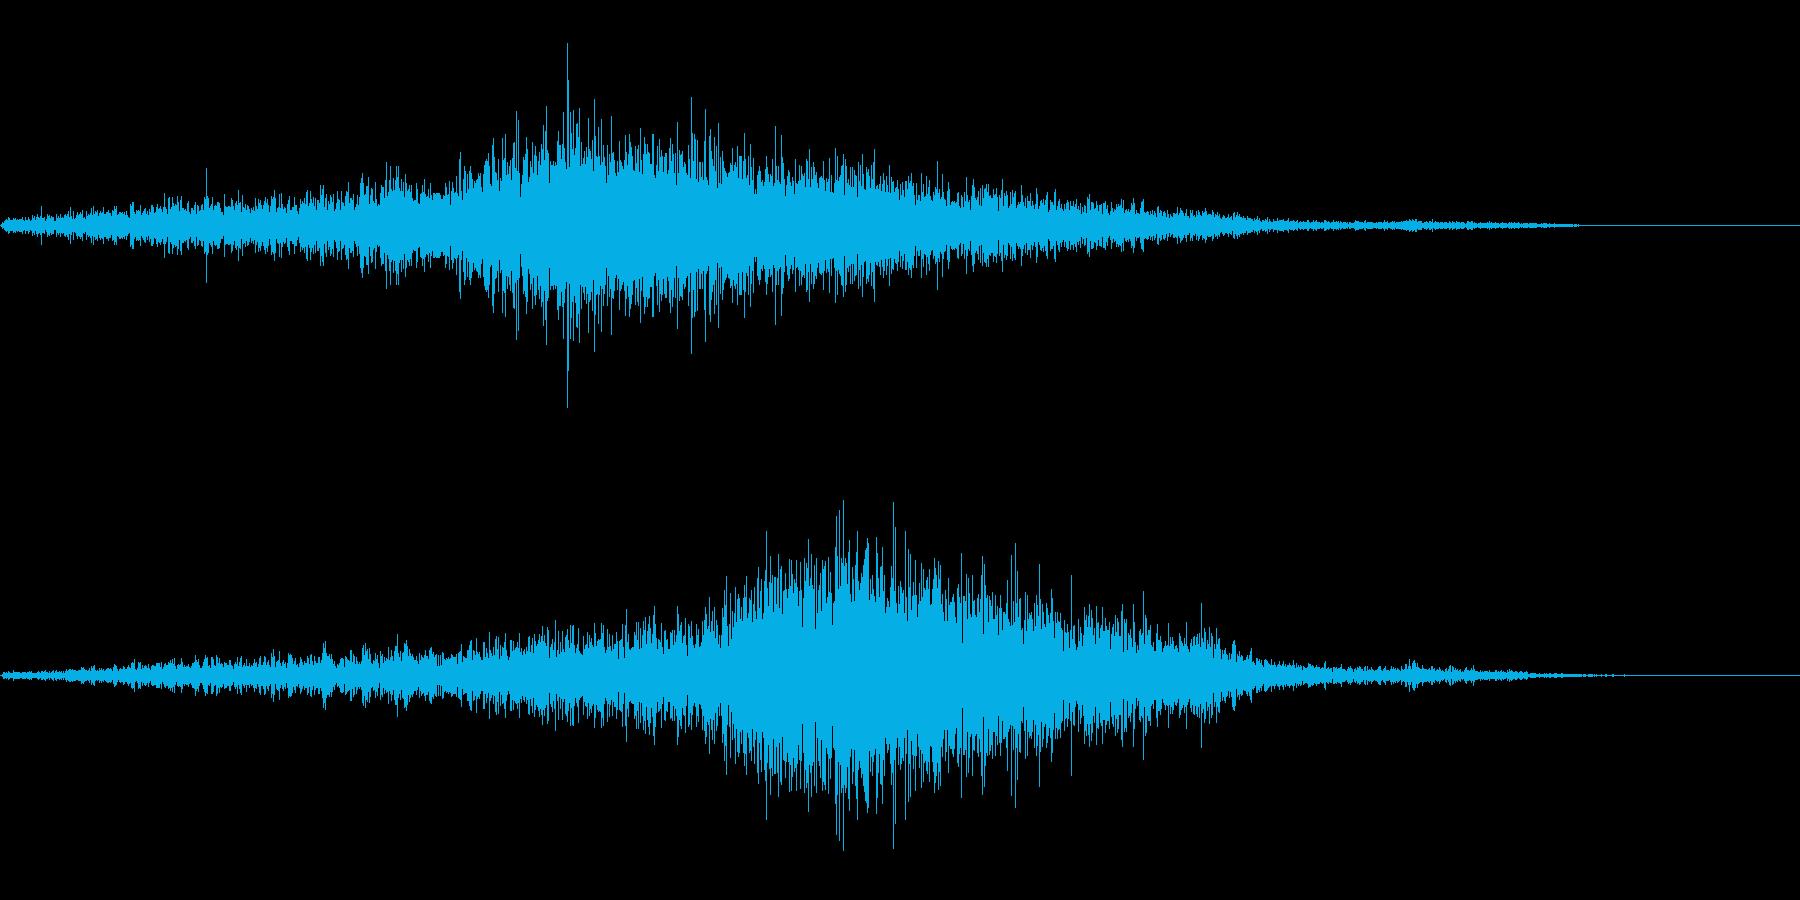 シュシュシュ(巻き尺)の再生済みの波形